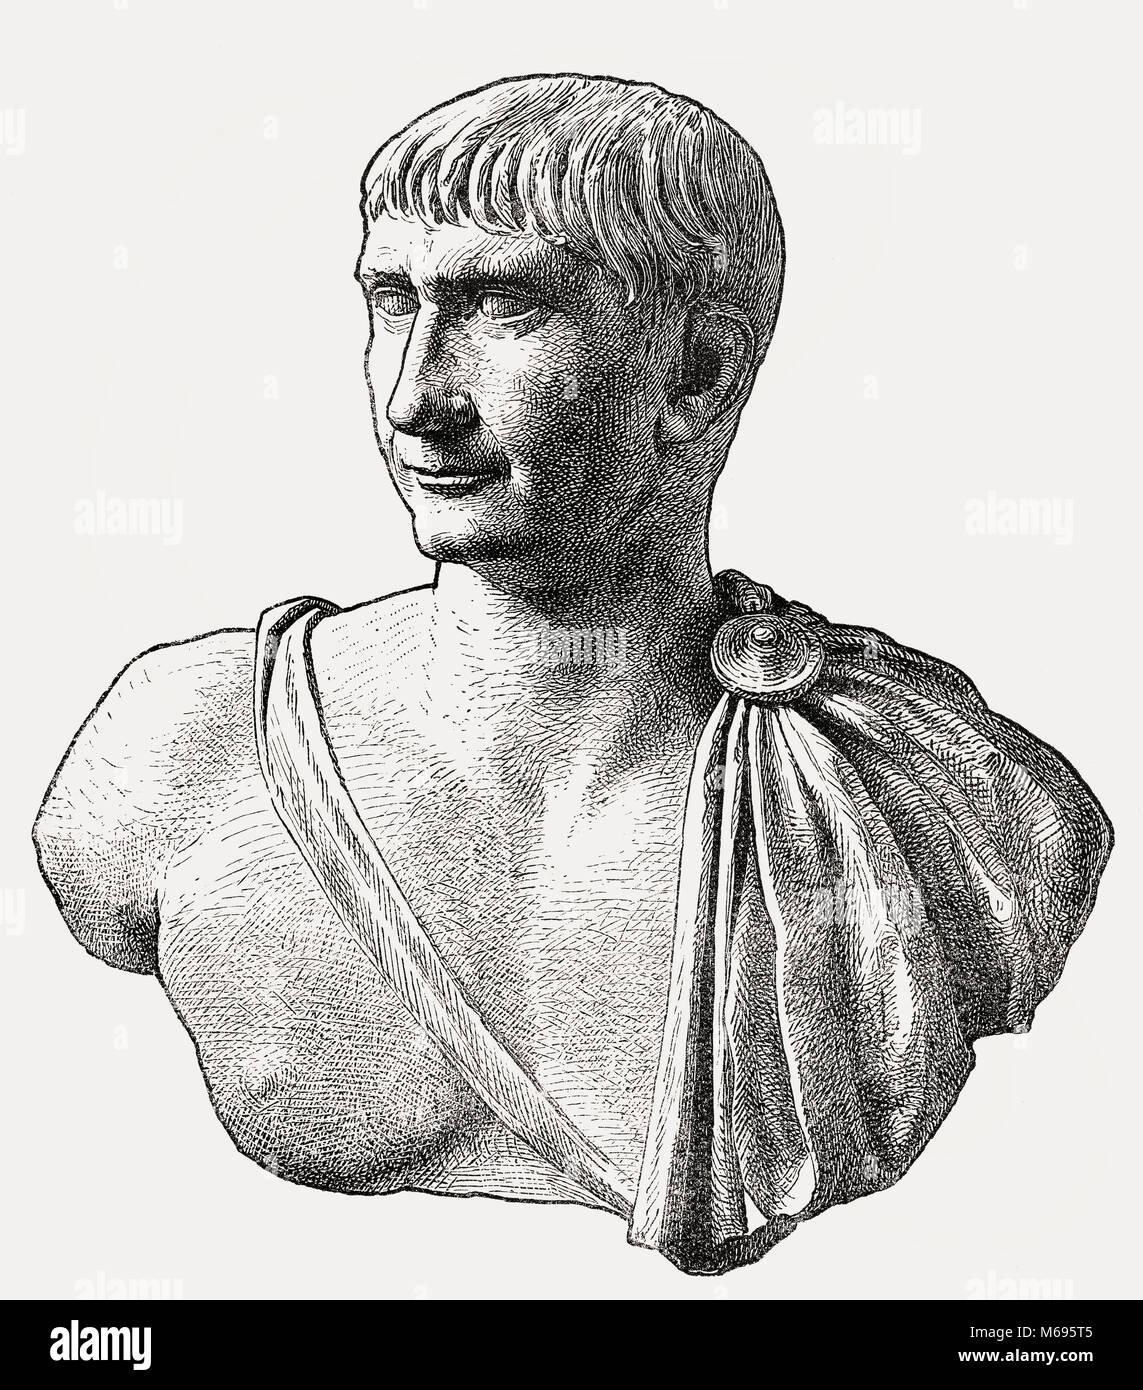 Trajan, Marcus Ulpius Traianus, 53 - 117, Roman emperor from 98 until 117 - Stock Image